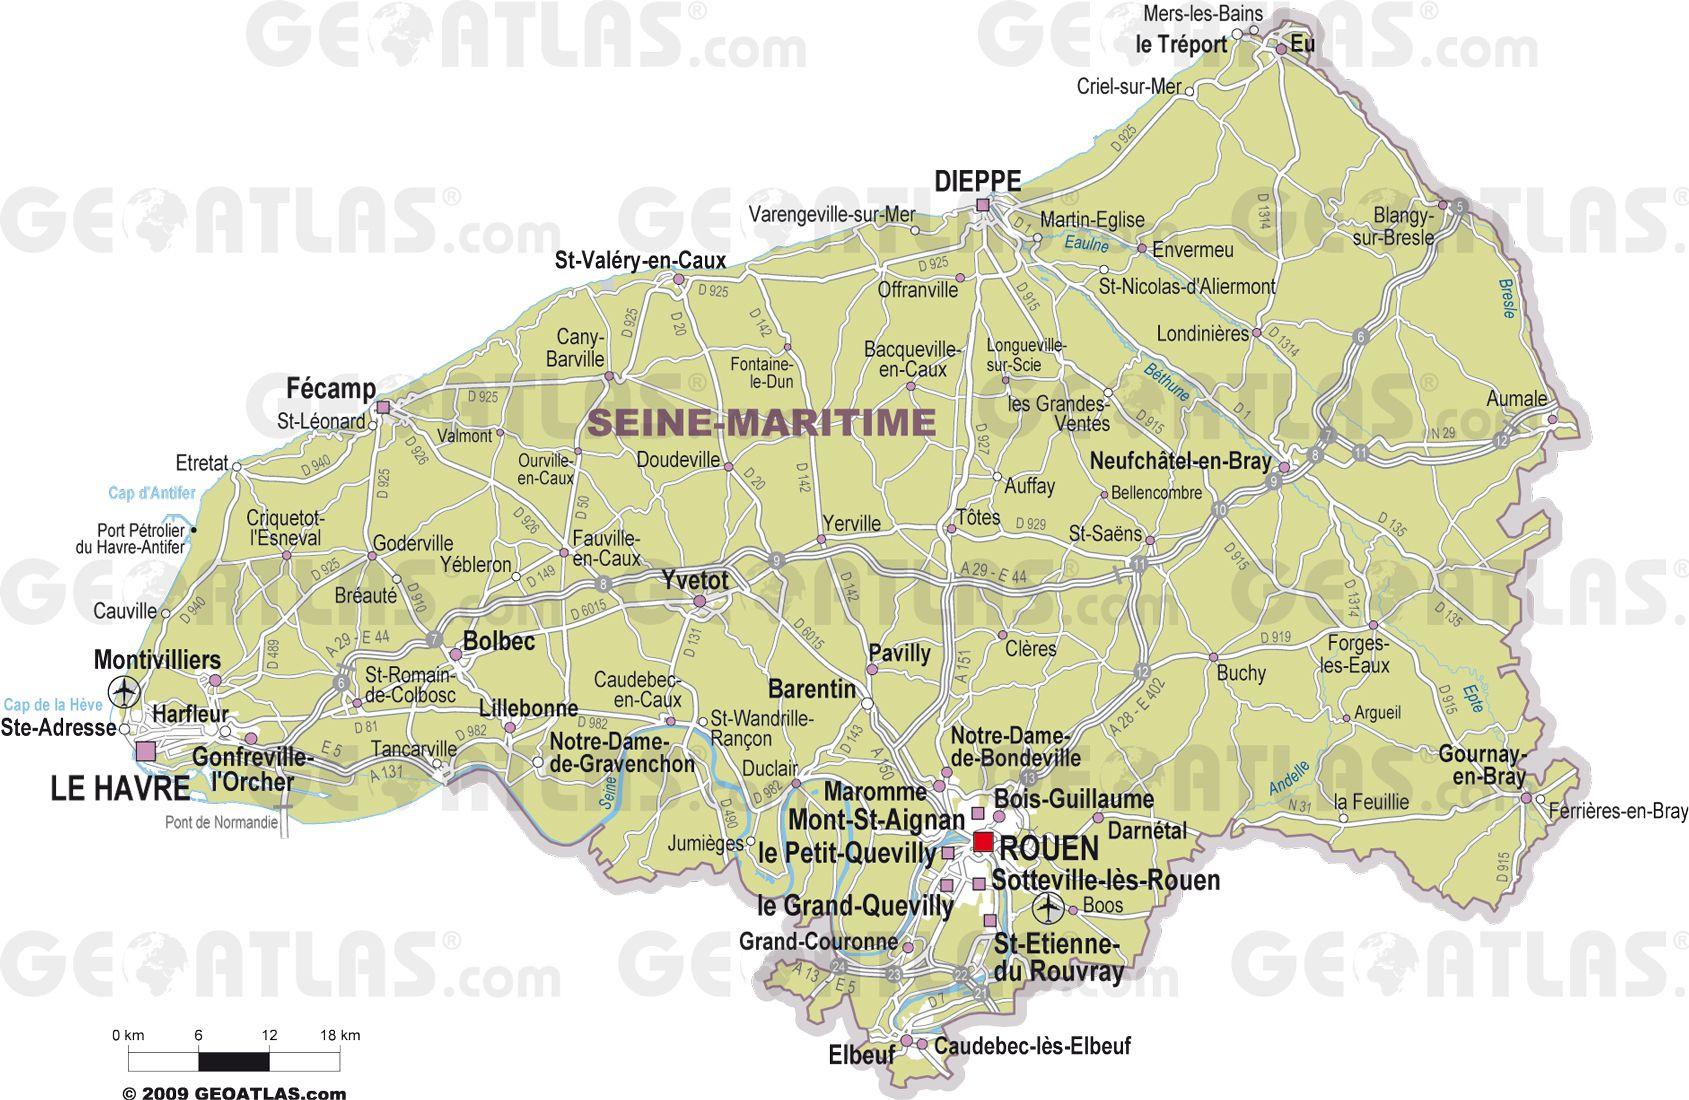 Carte des villes de Seine-Maritime